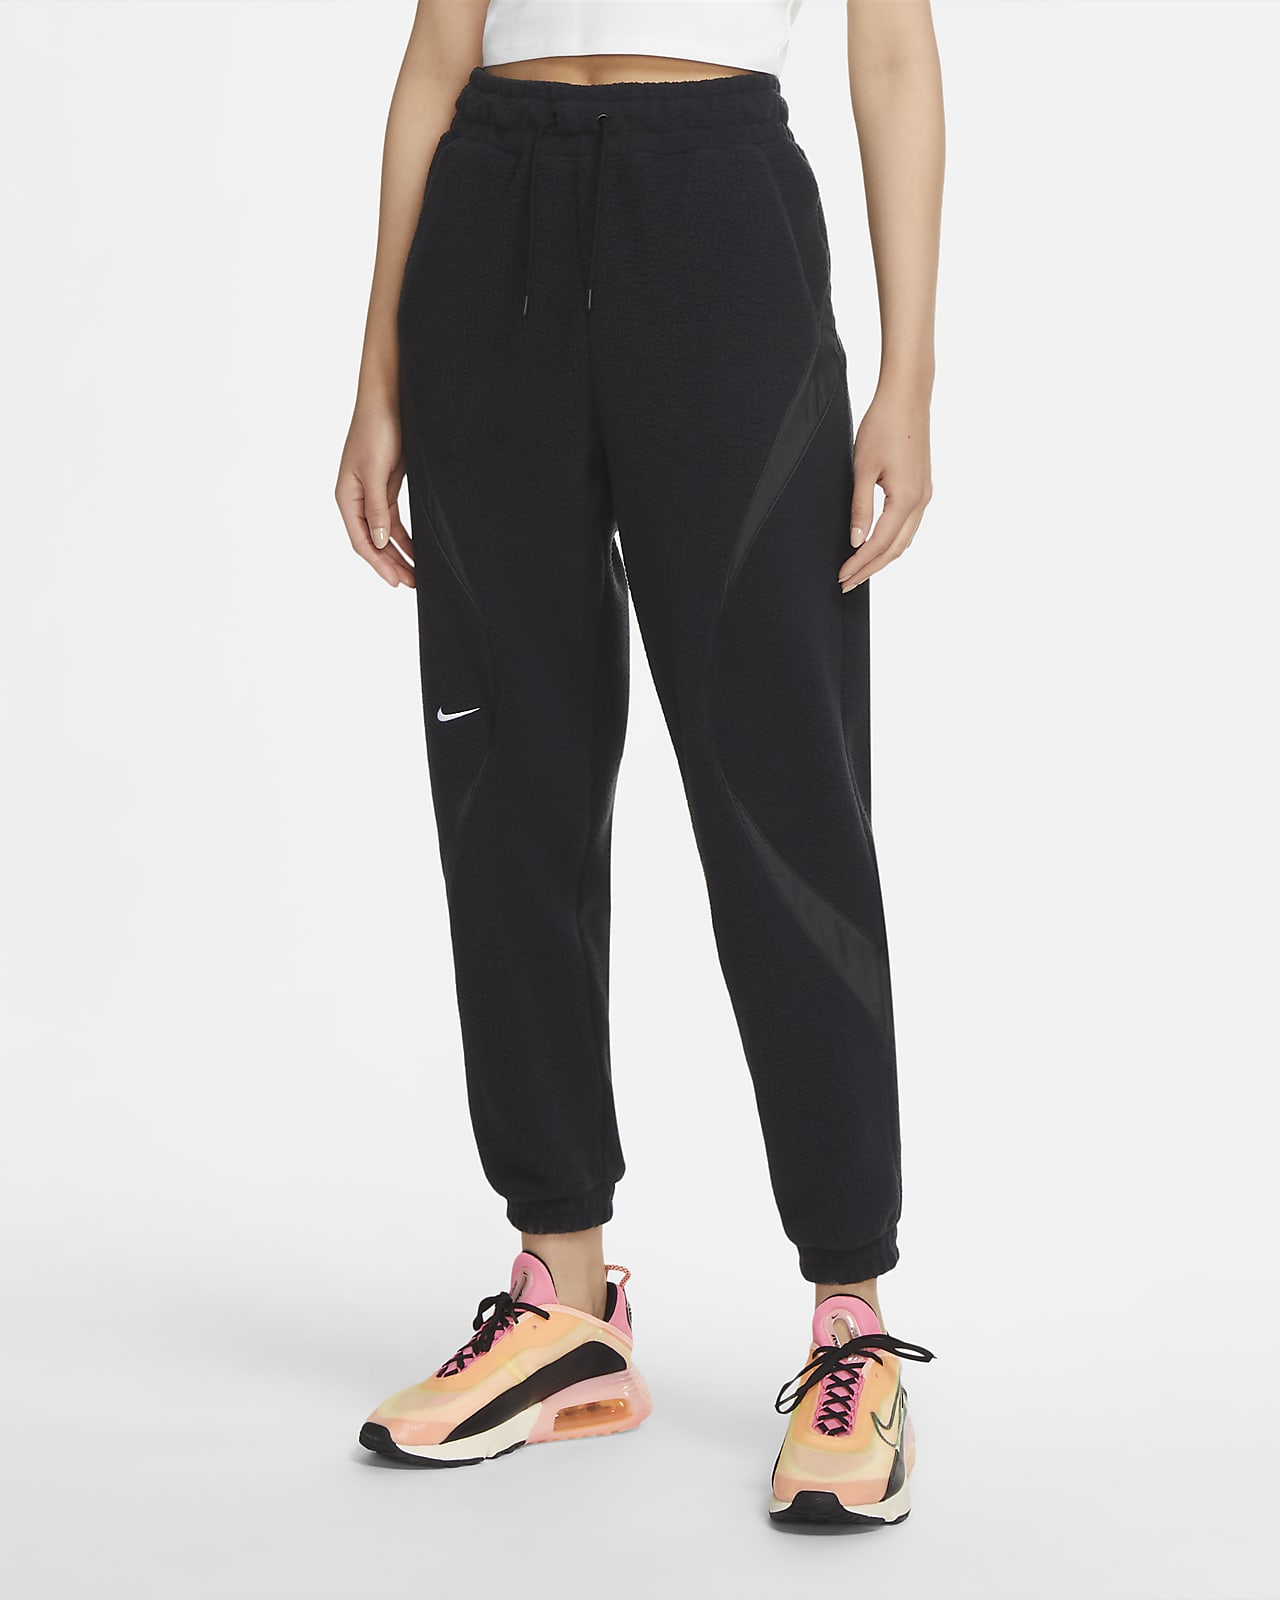 Nike Sportswear Women's Pants. Nike.com